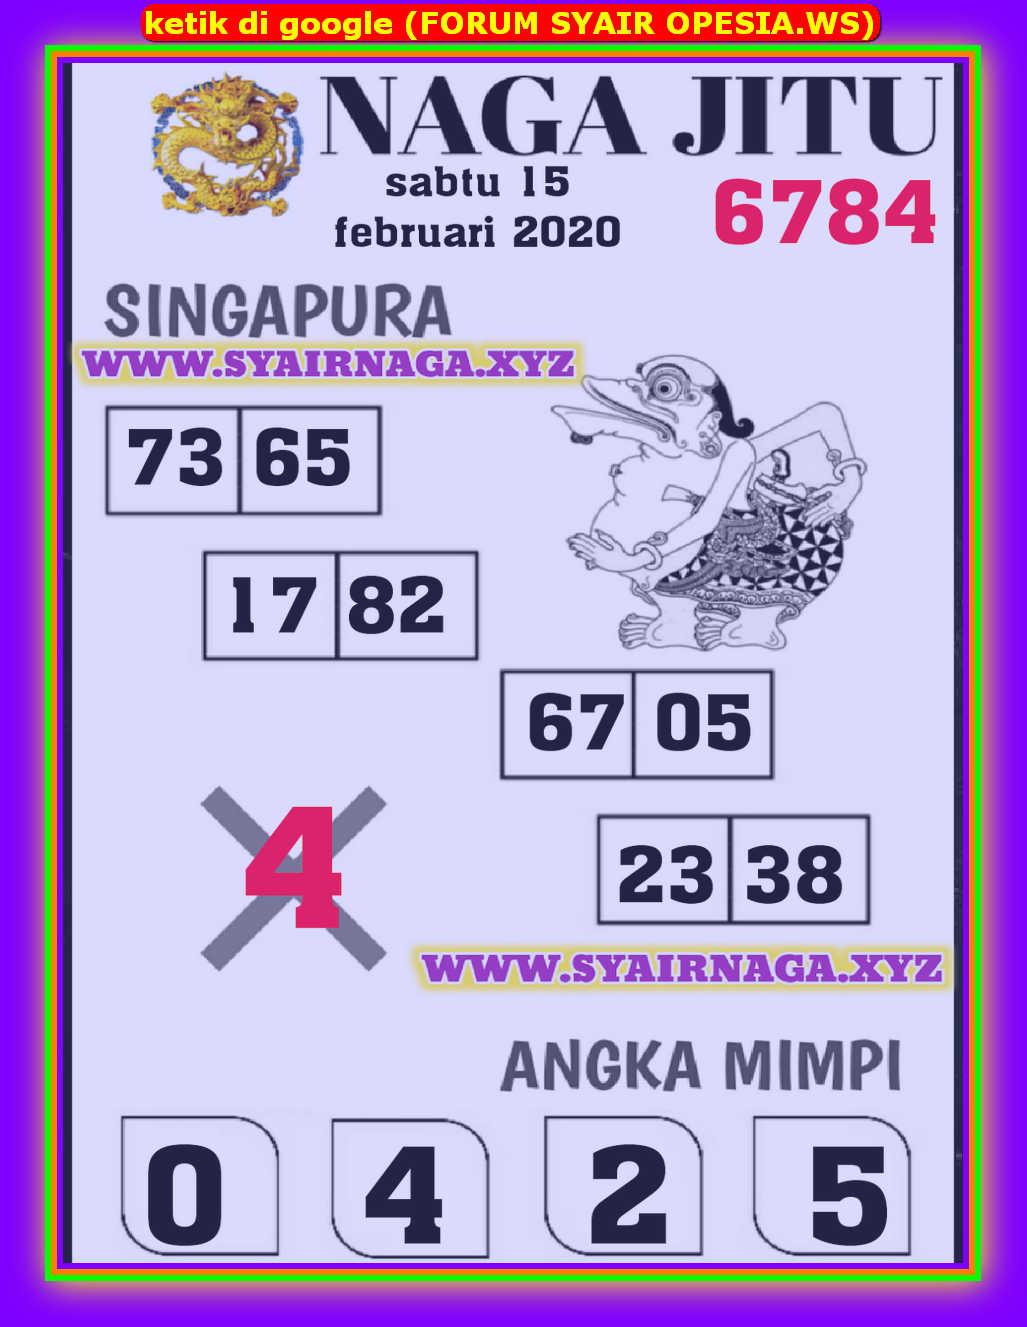 Kode syair Singapore Sabtu 15 Februari 2020 125